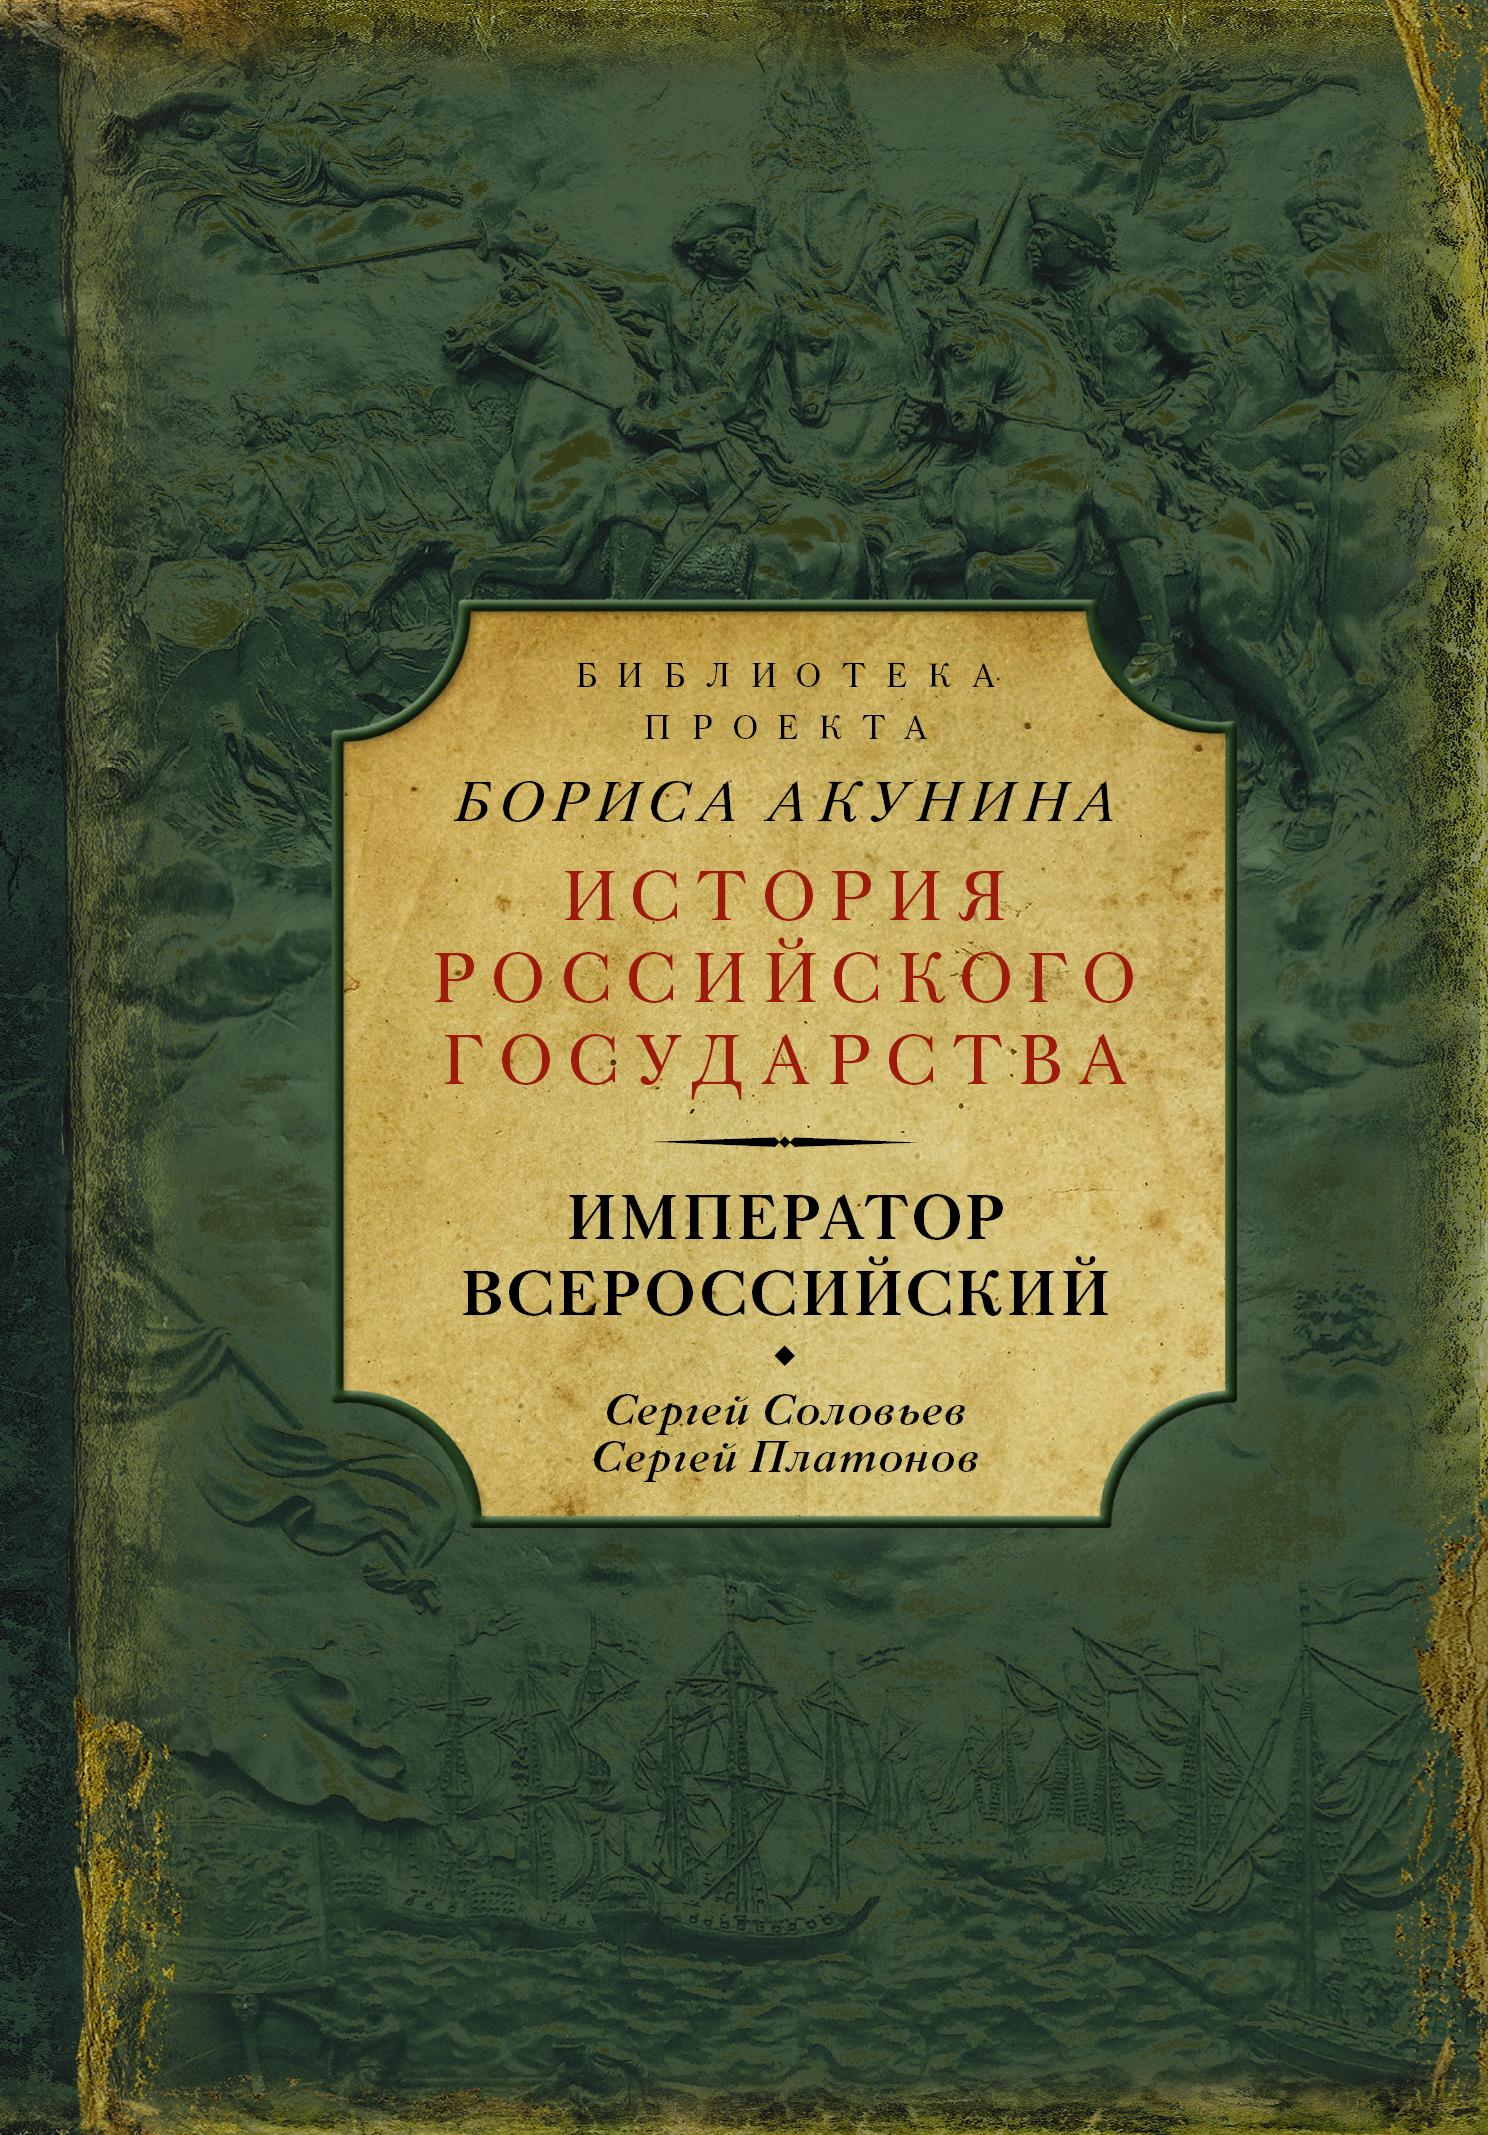 Сергей Соловьев Император Всероссийский